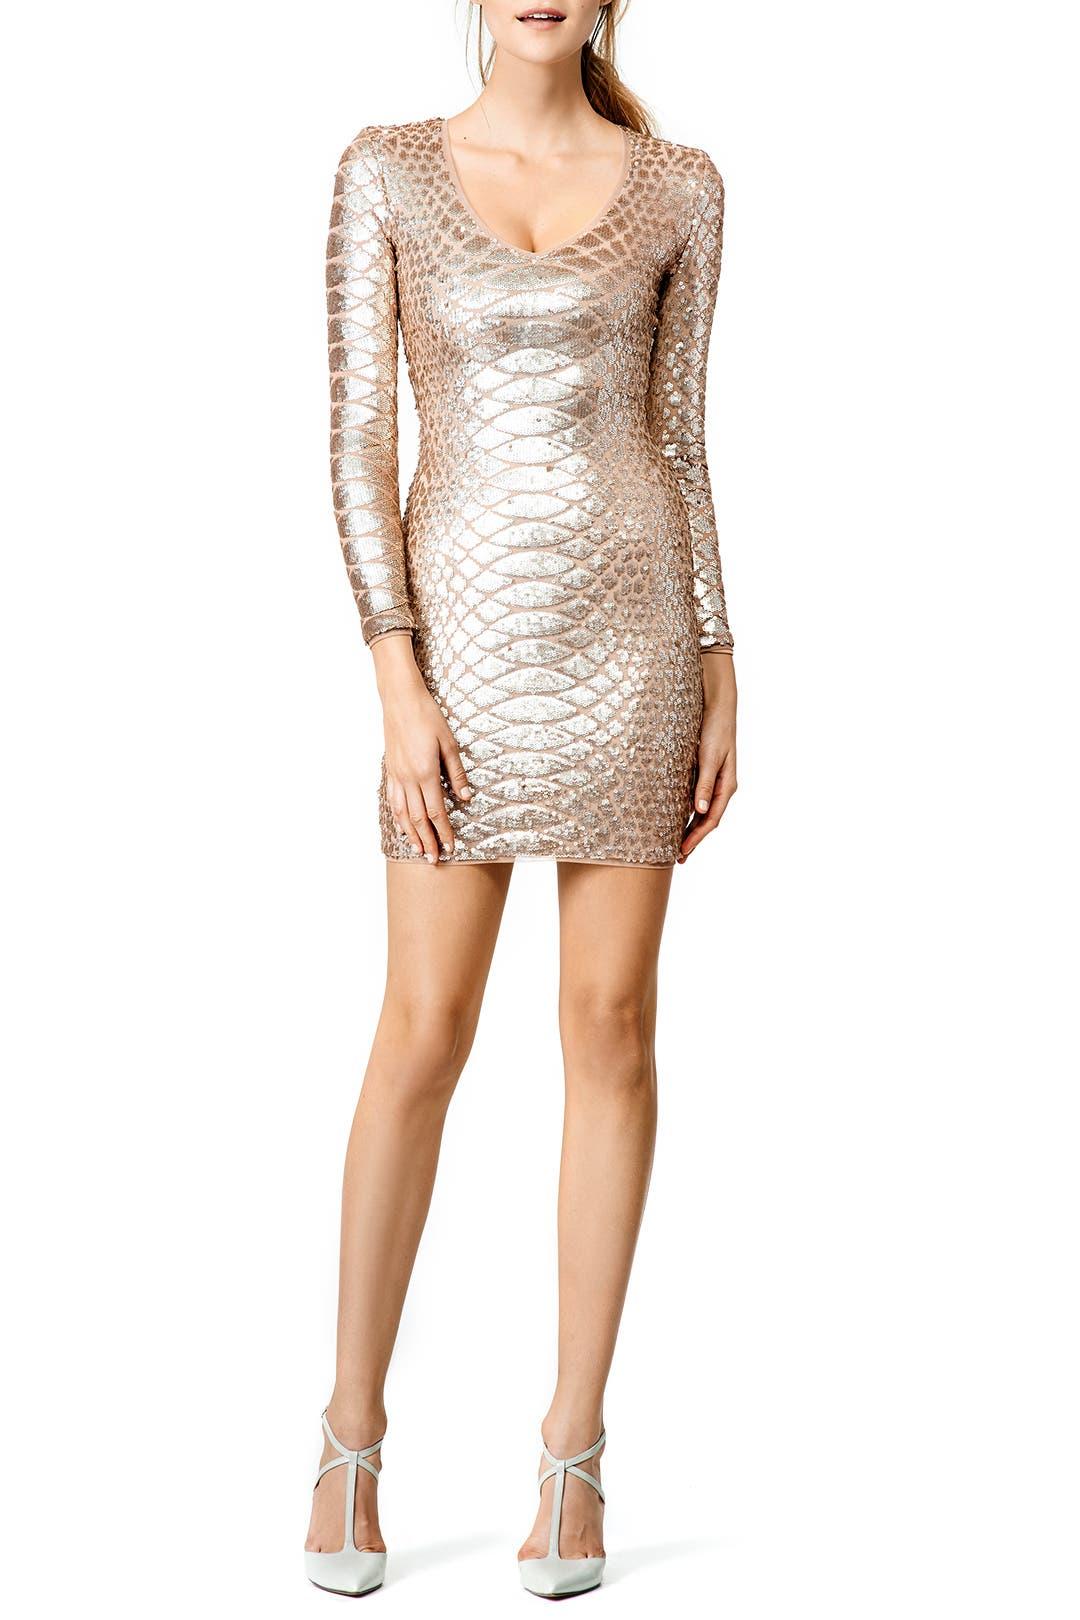 Oscar De La Renta Fashion Spring 2012 Sheath Dress Fashion